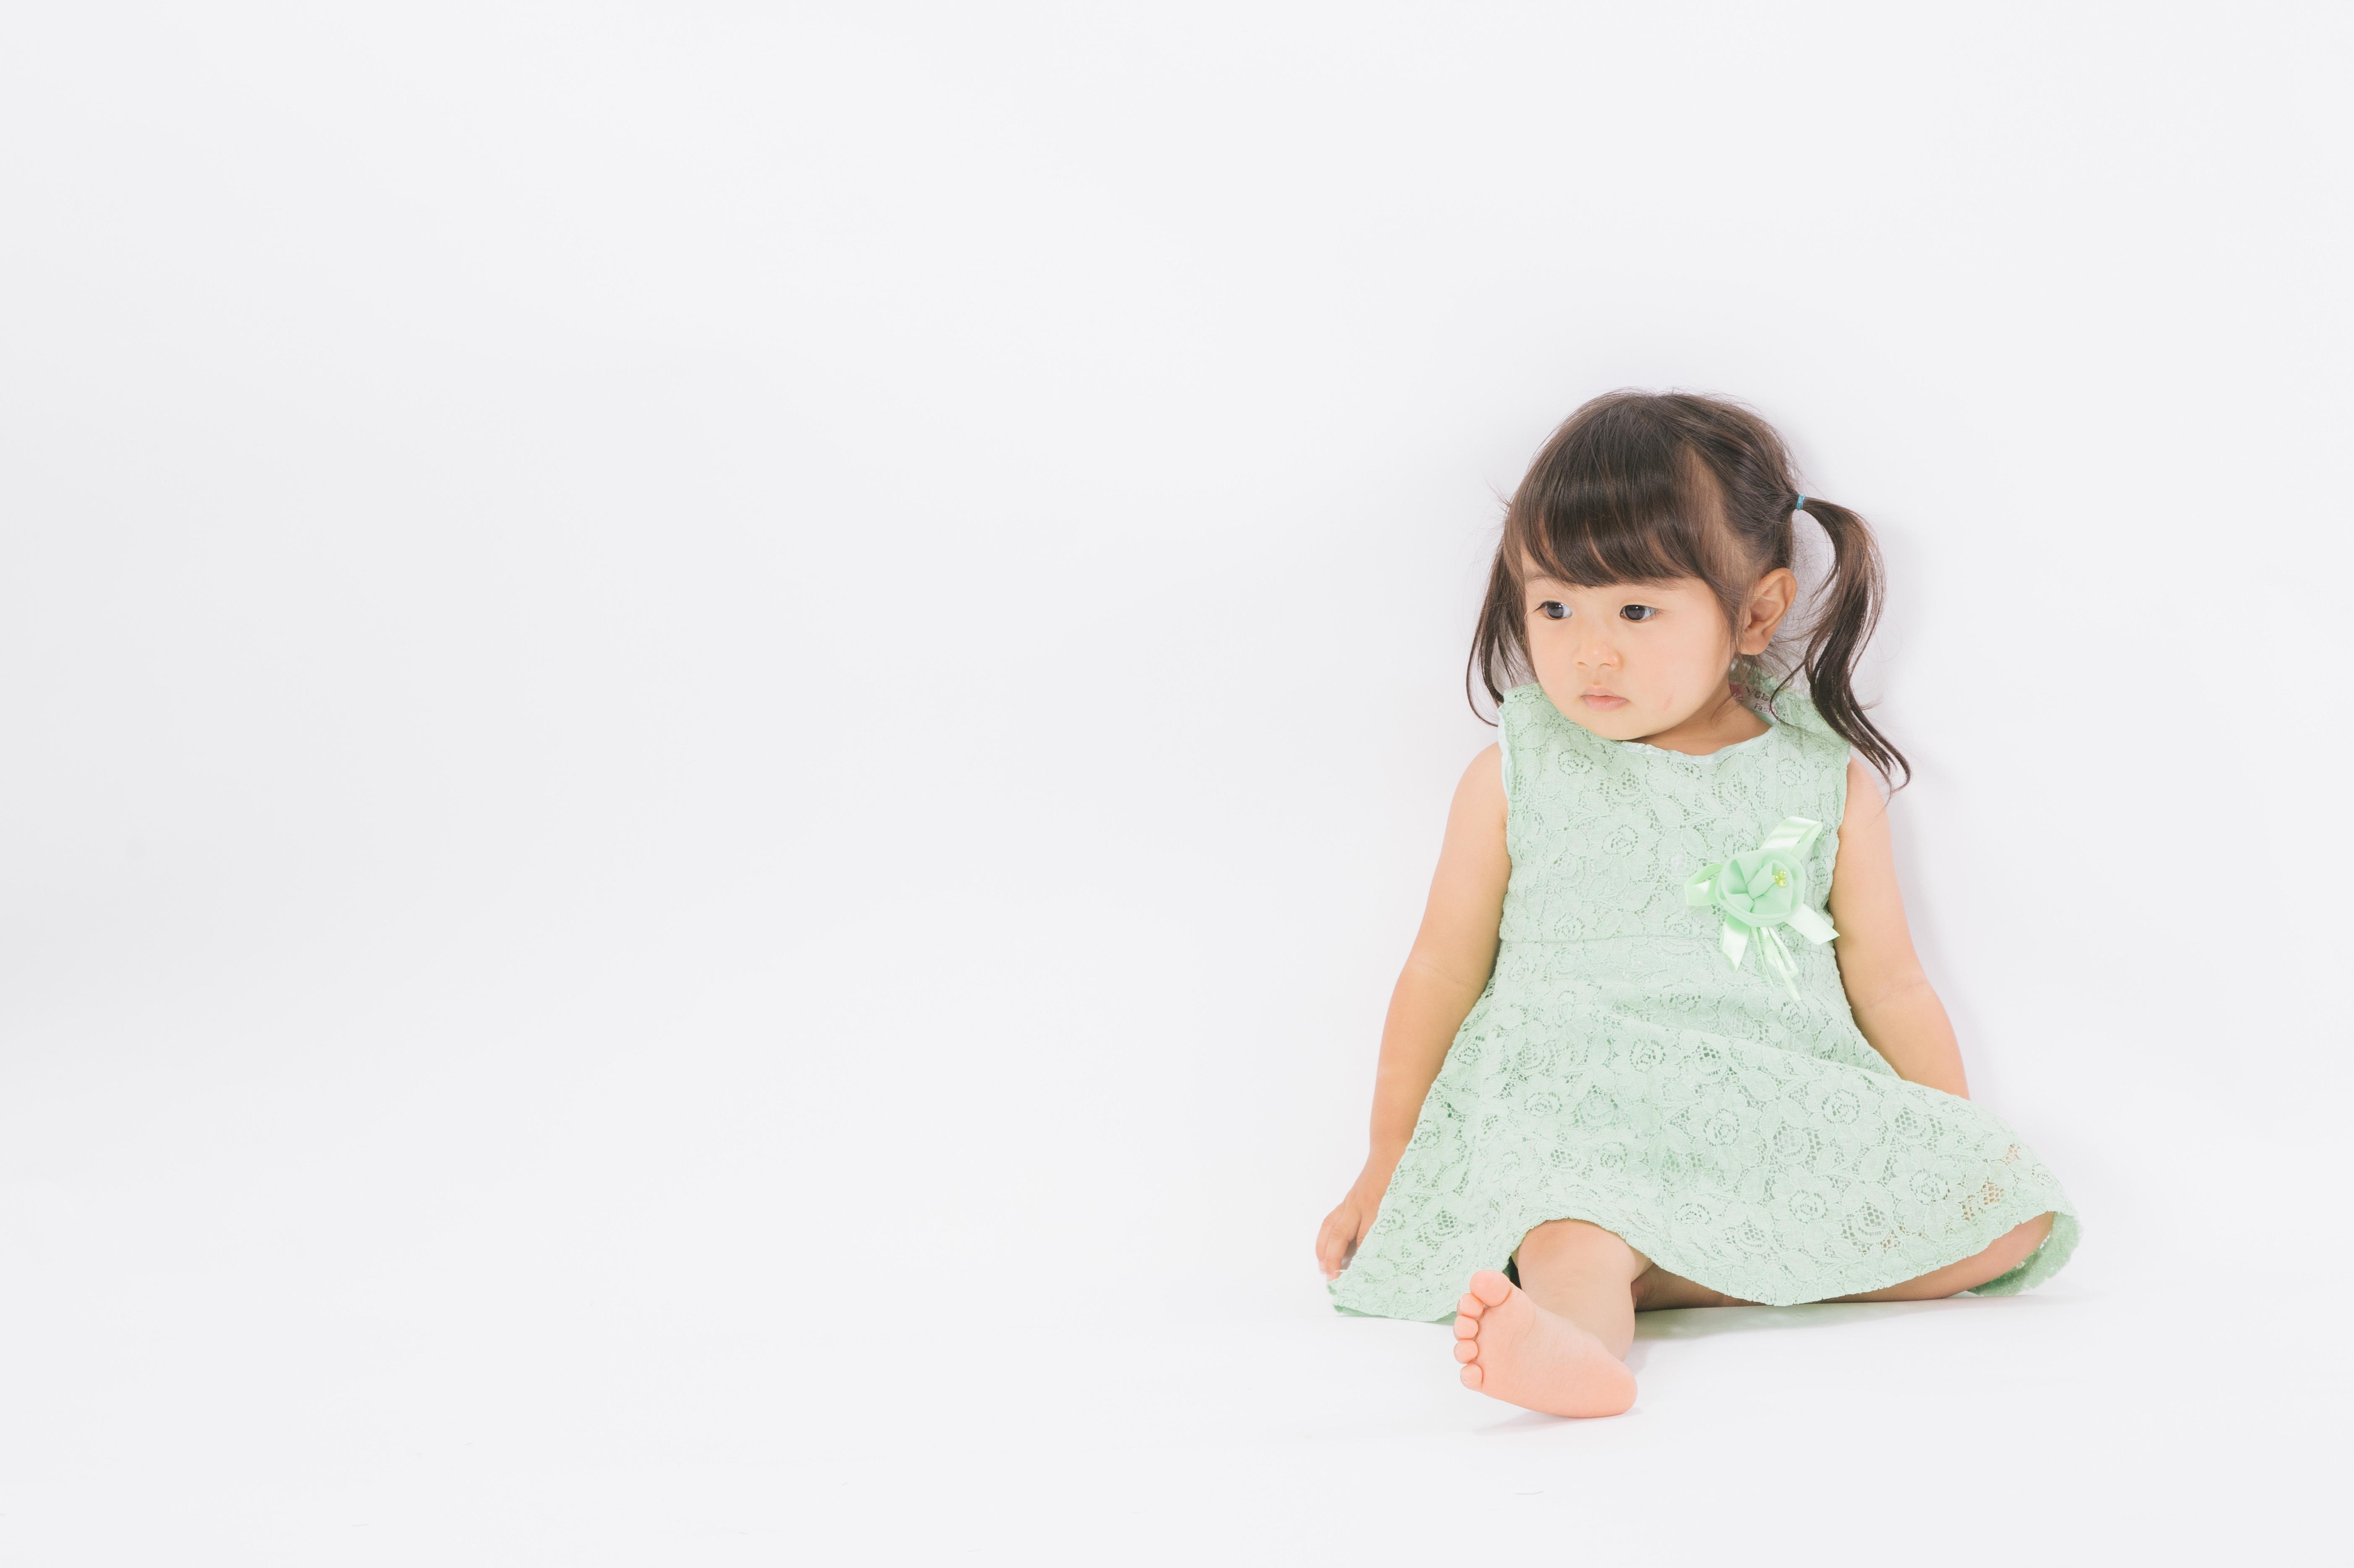 下の子がいないのに赤ちゃん返り?! | 札幌・全国子育て教室にじいろのはな